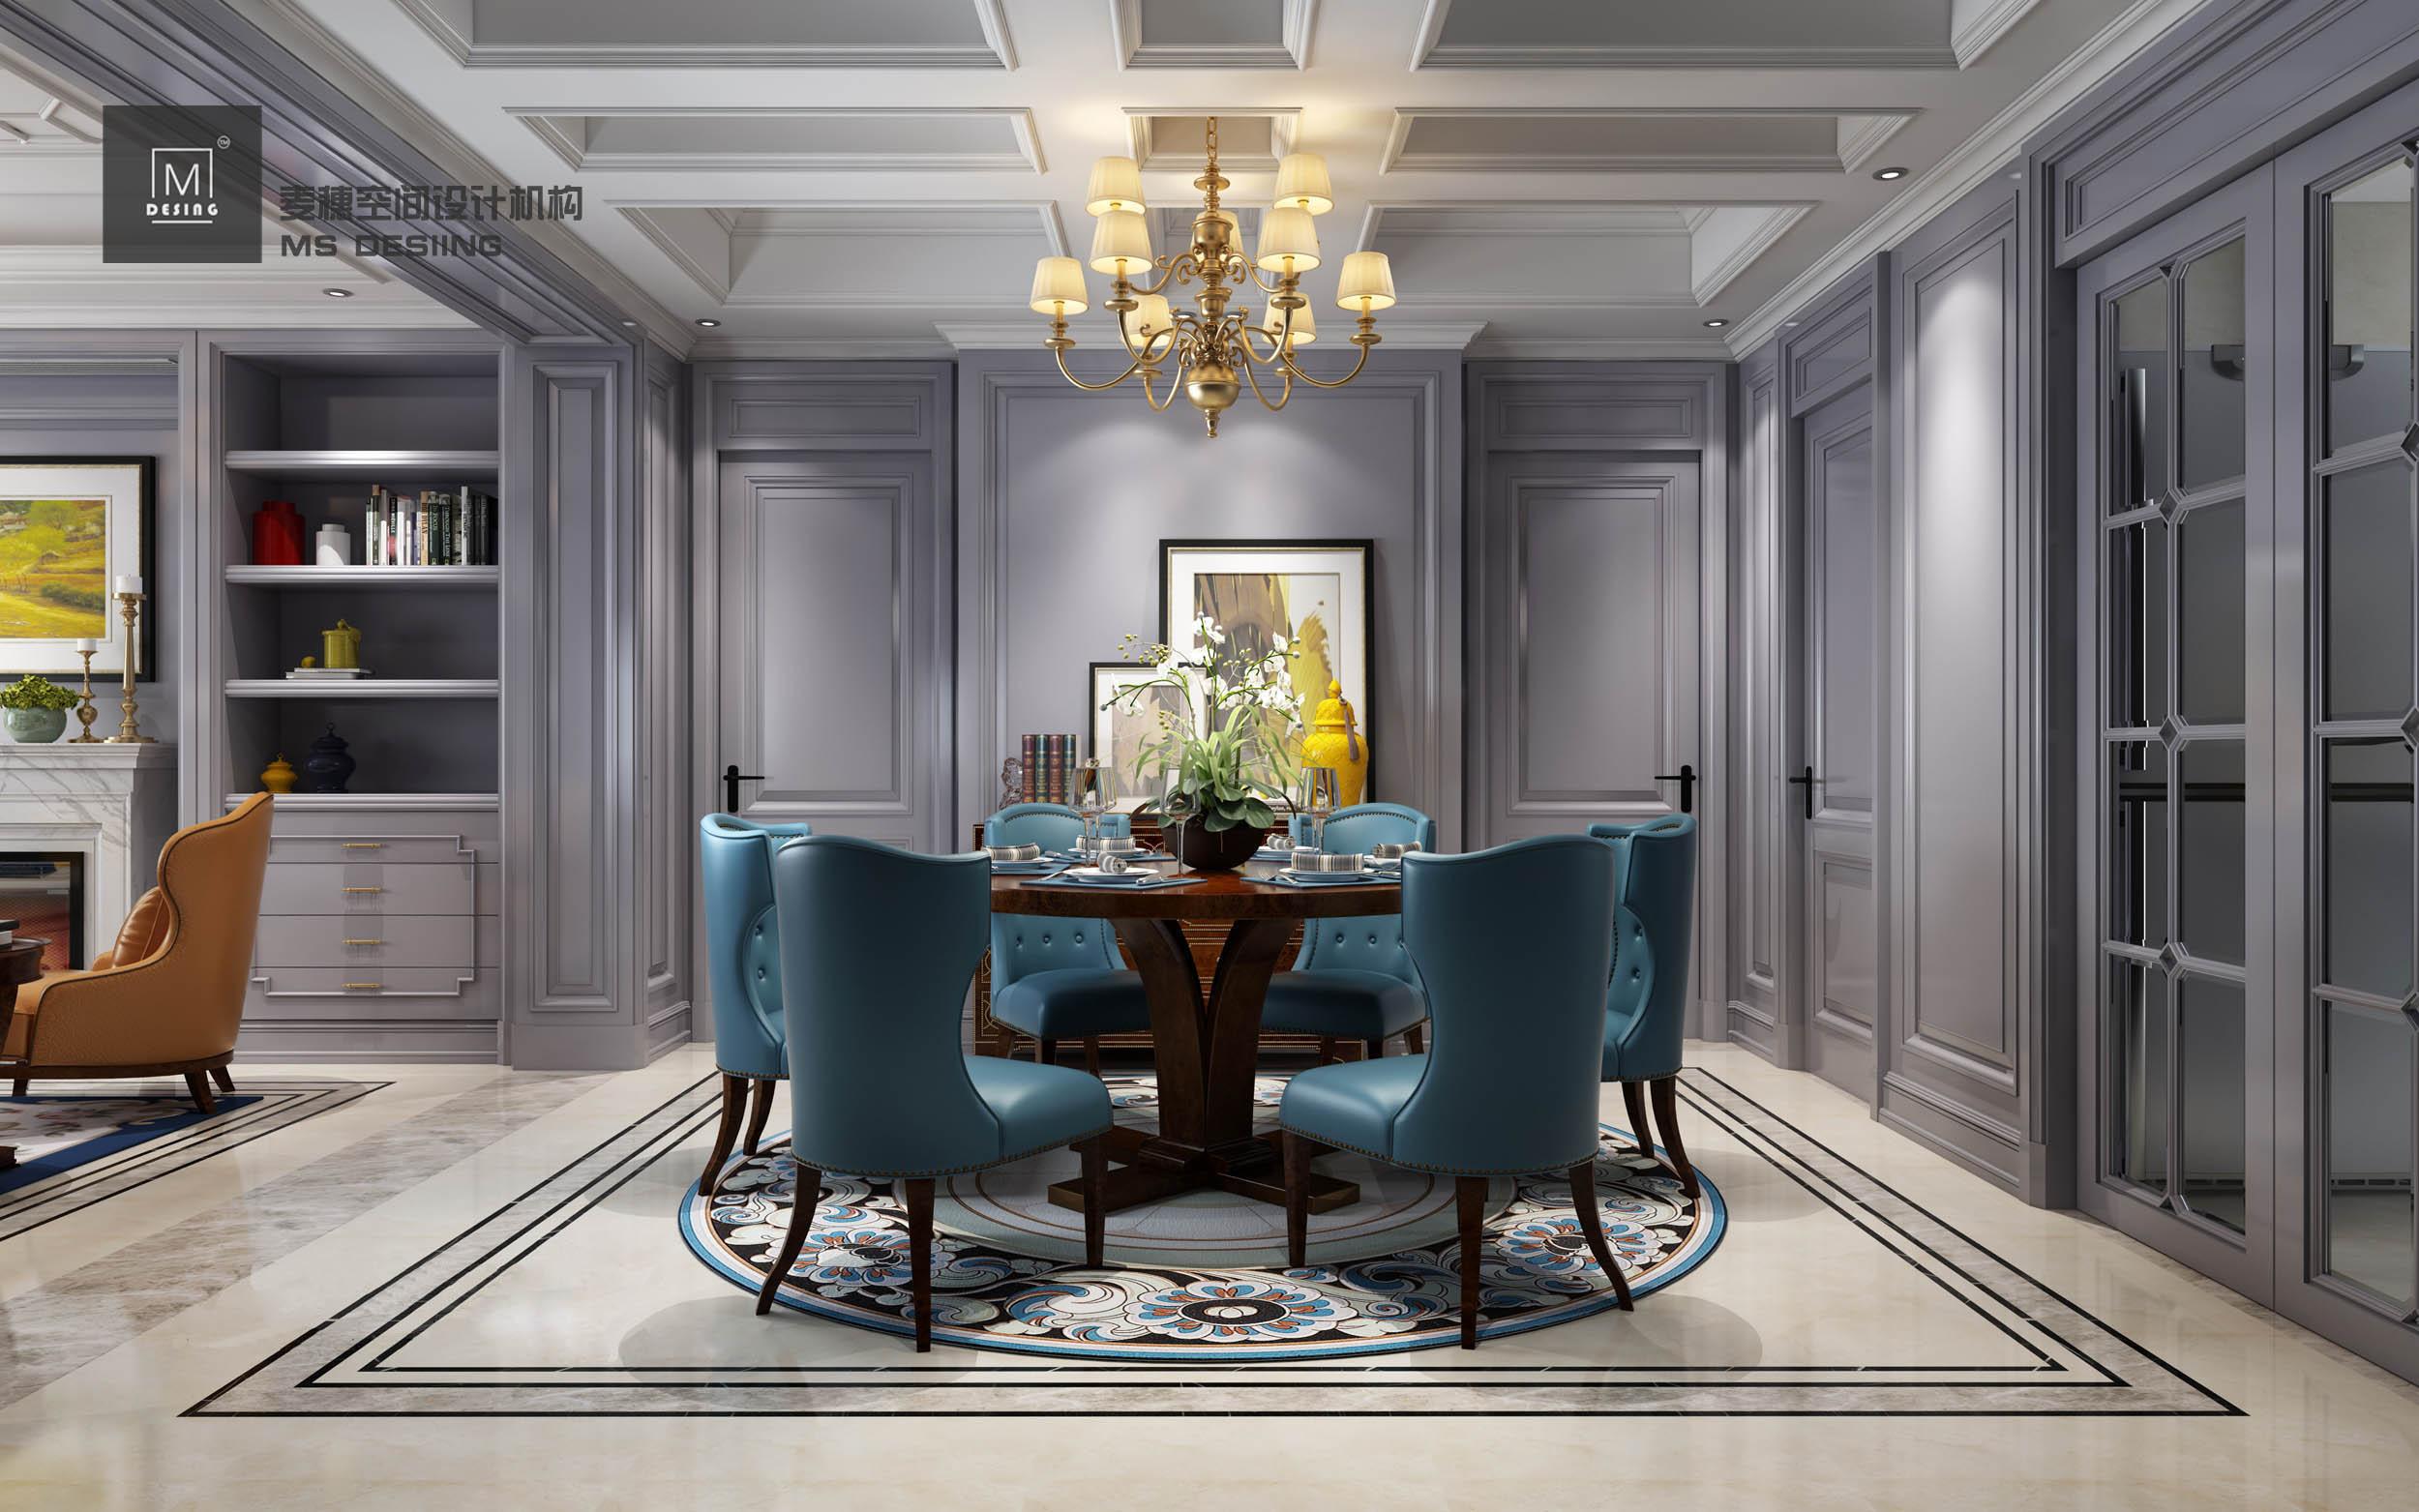 【麦穗】美式简美室内设计家装设计效果图设计别墅自建房新房设计